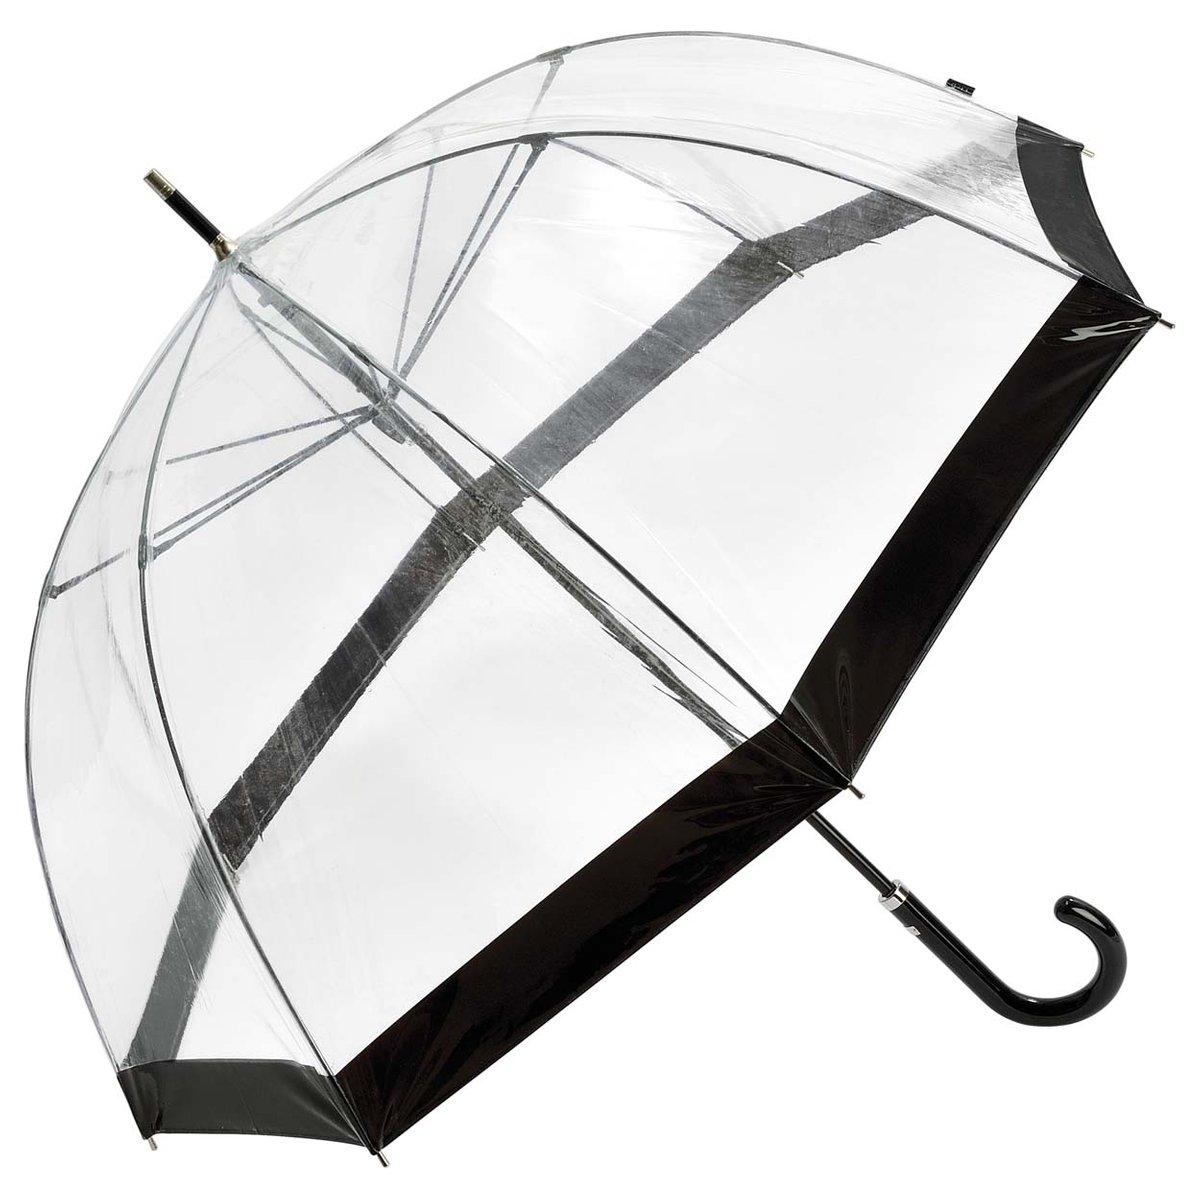 Regenschirm Glockenschirm transparent durchsichtig schwarz